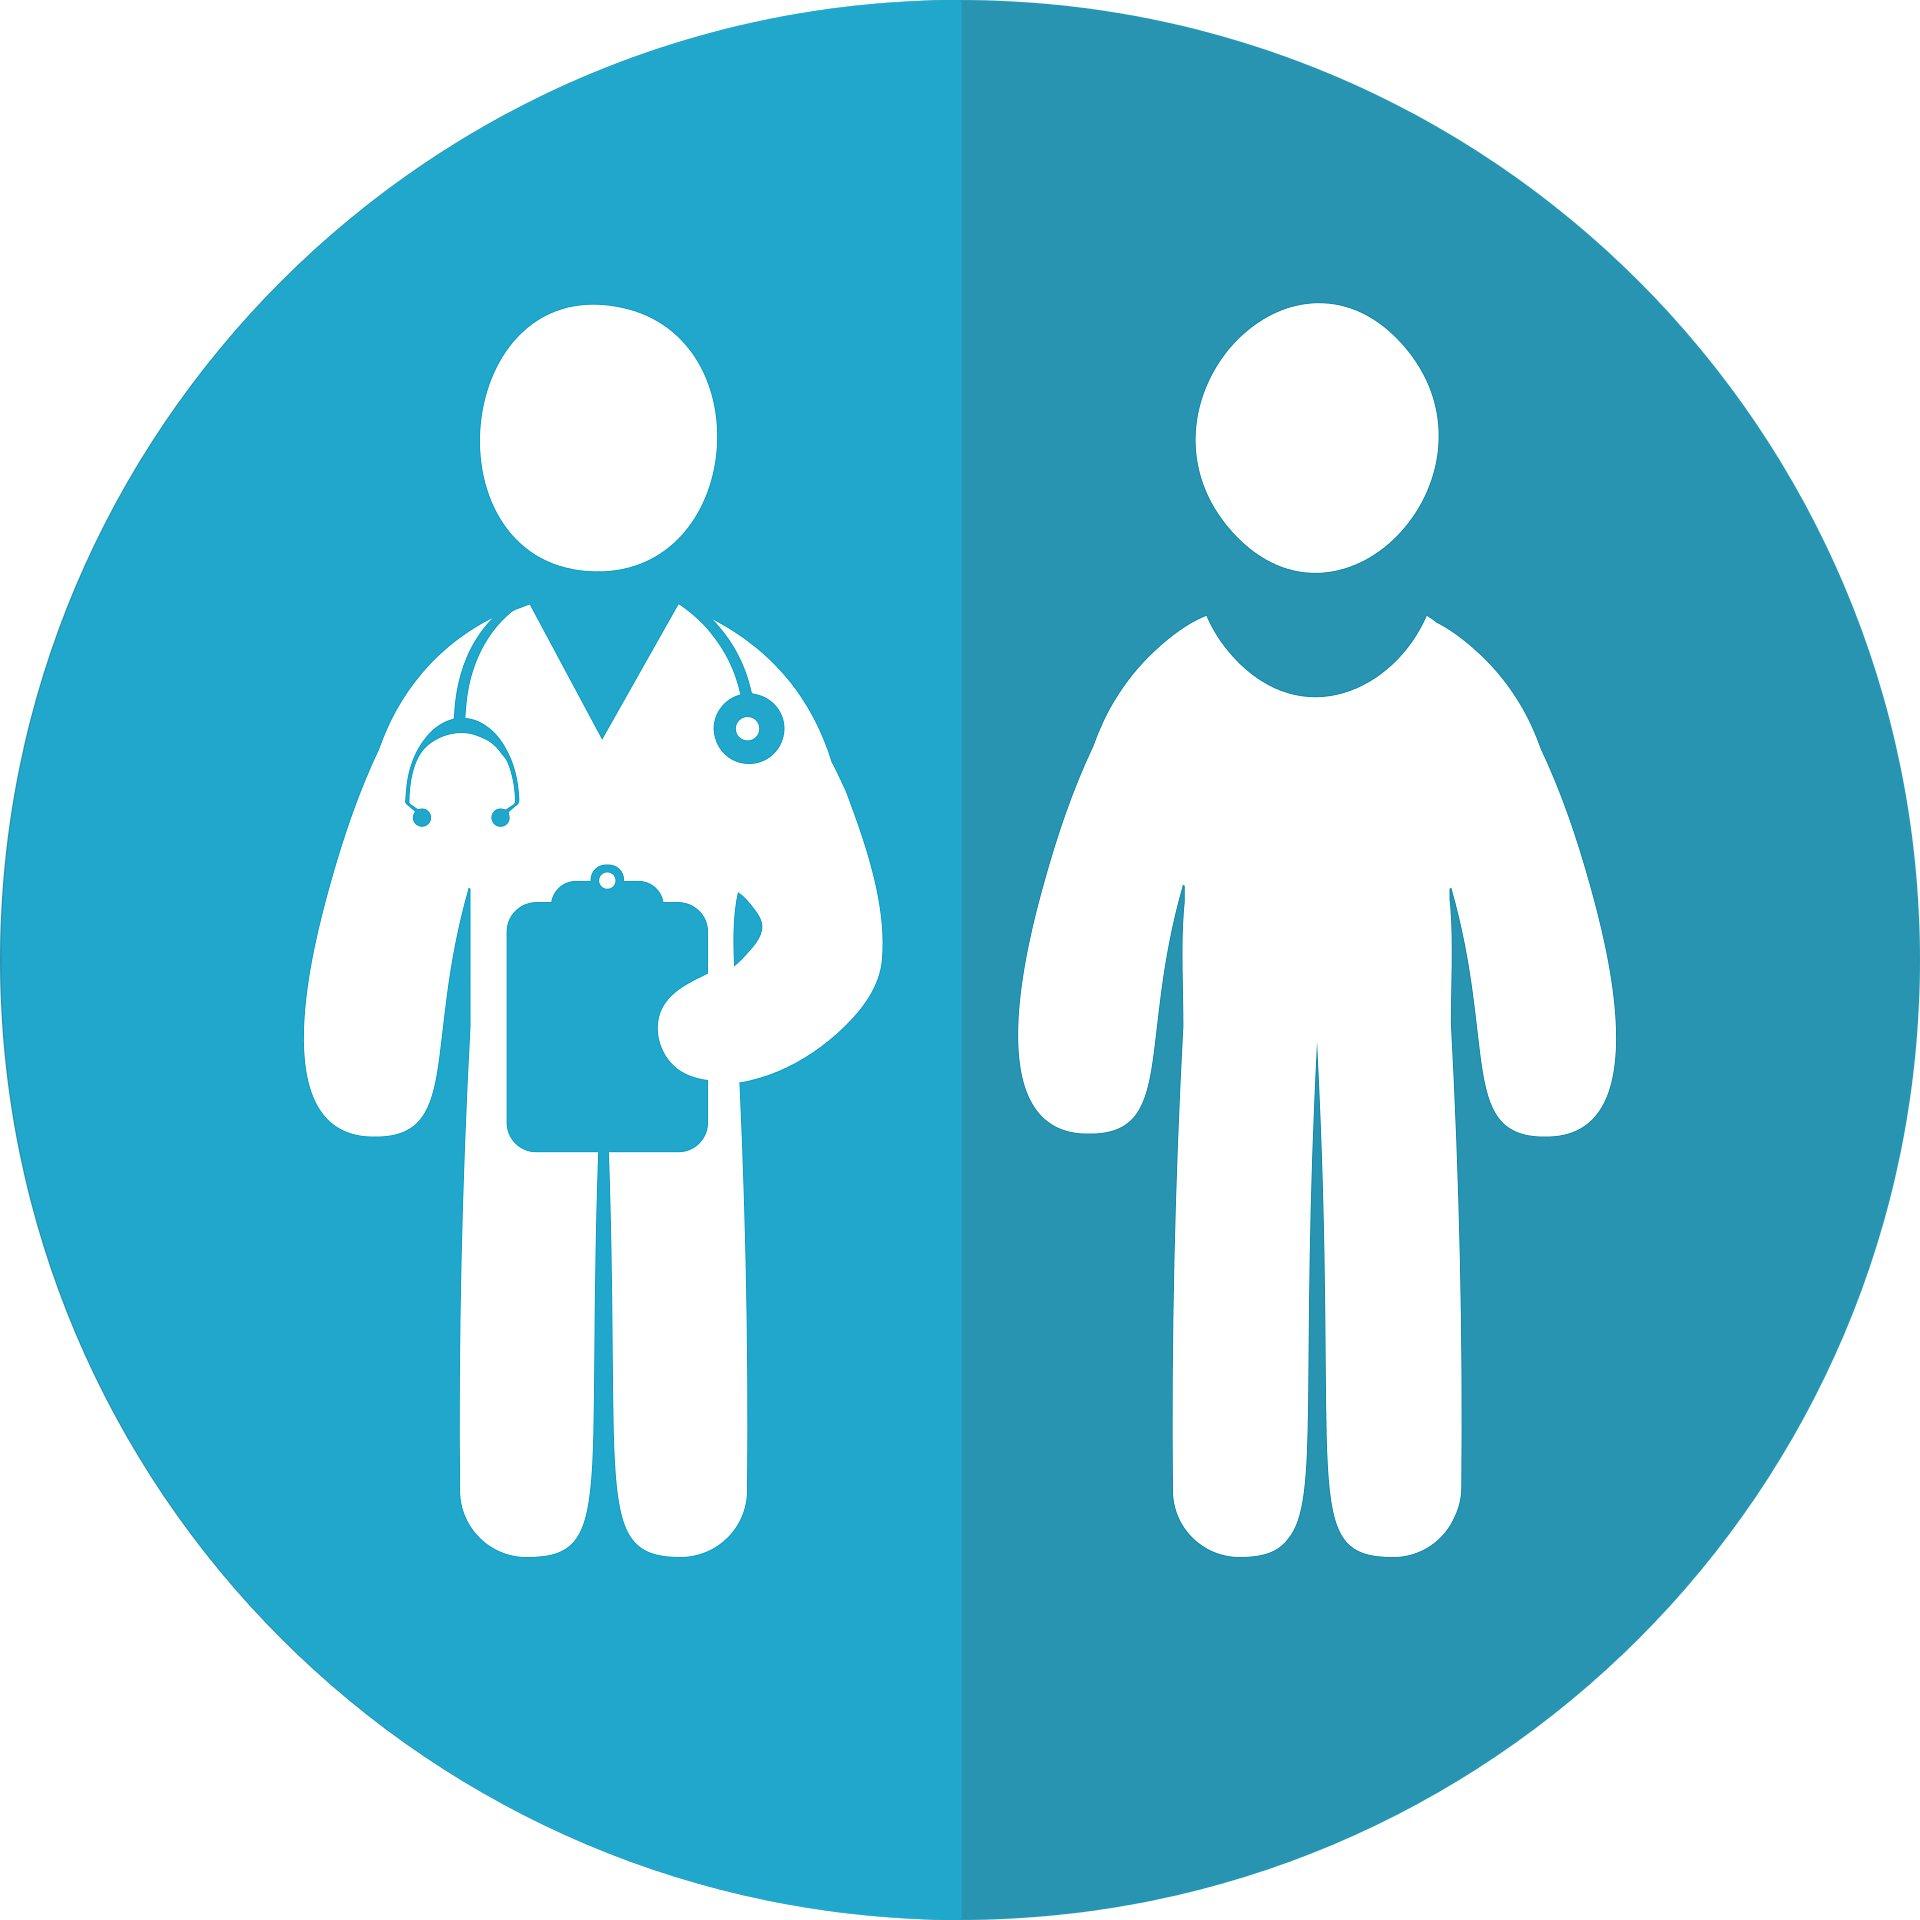 Krebs-Patienten brauchen oft diese eine einfache Sache, um an klinischen Studien teilnehmen